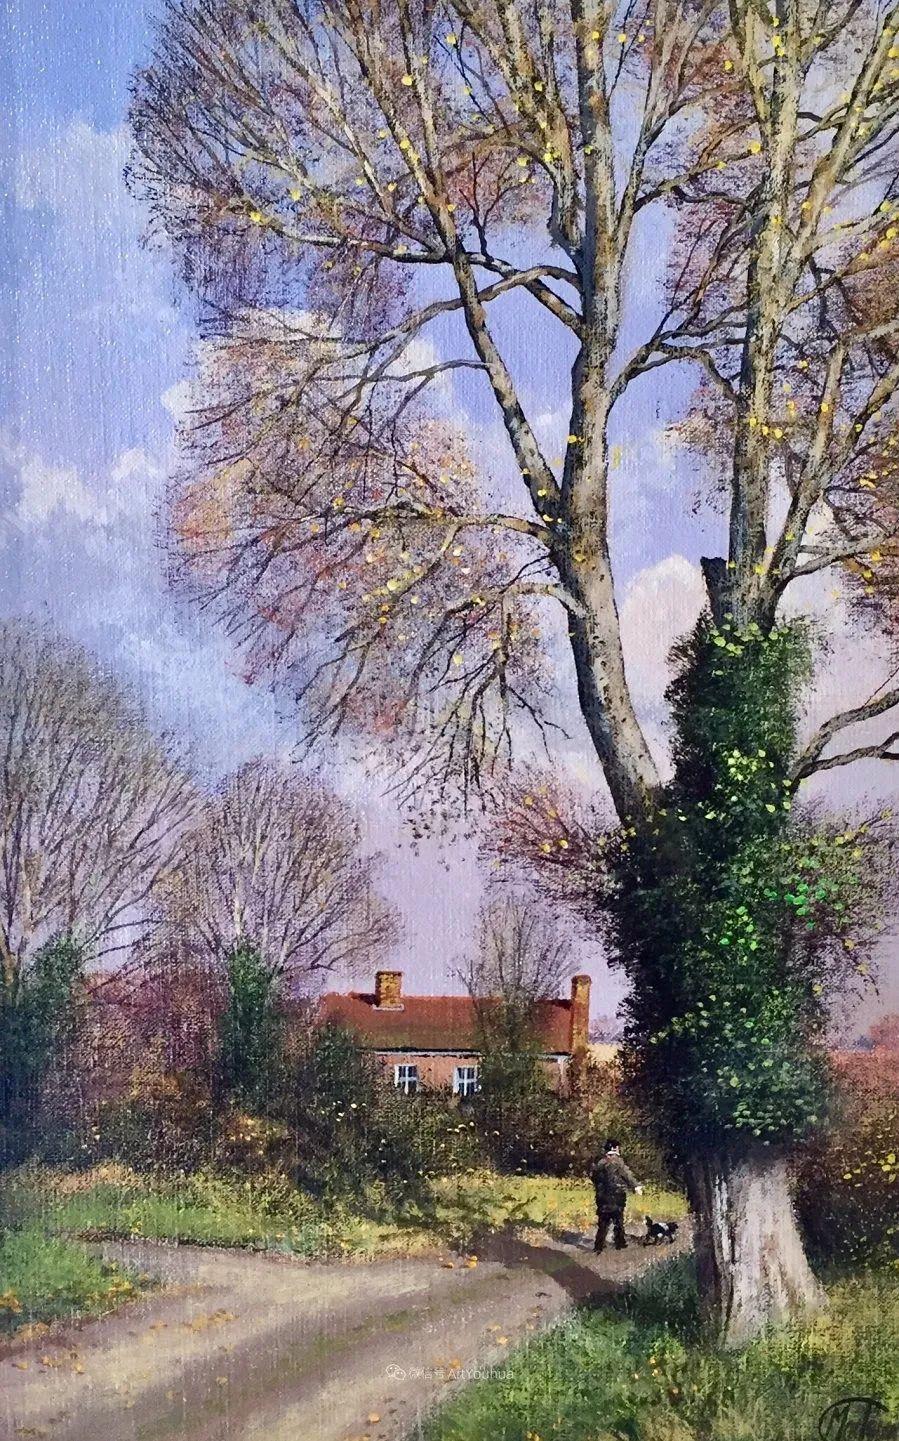 写实田园风光,英国艺术家Clive Madgwick作品二插图77